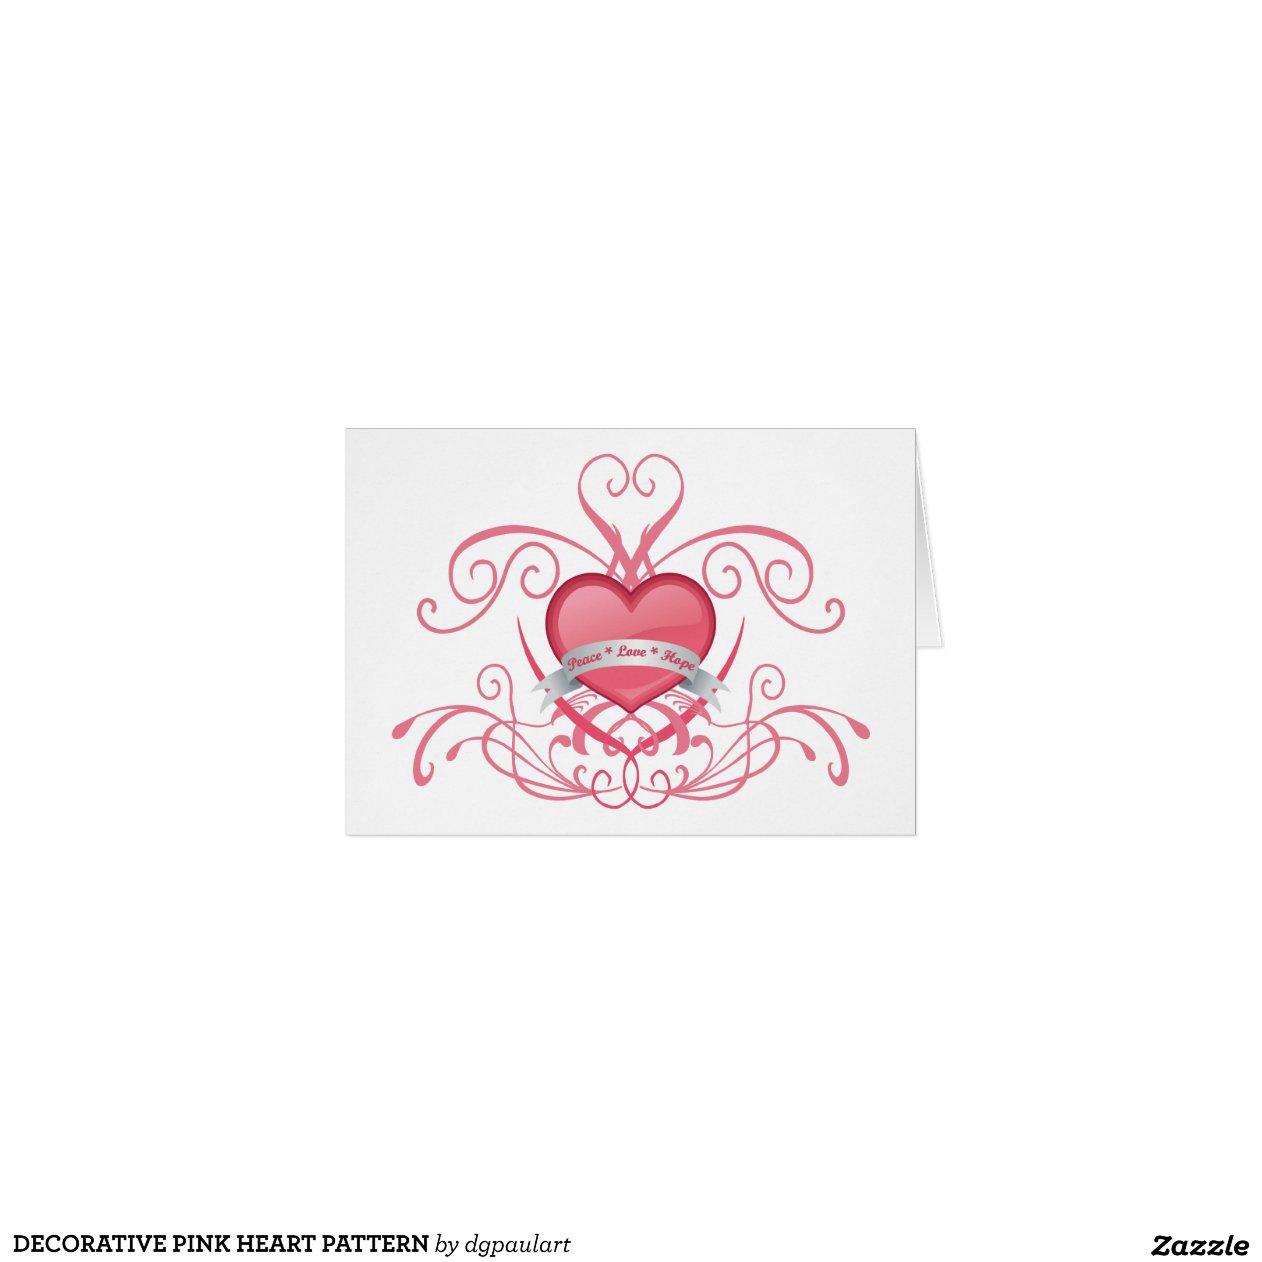 dekoratives rosa herz muster gru karte zazzle. Black Bedroom Furniture Sets. Home Design Ideas